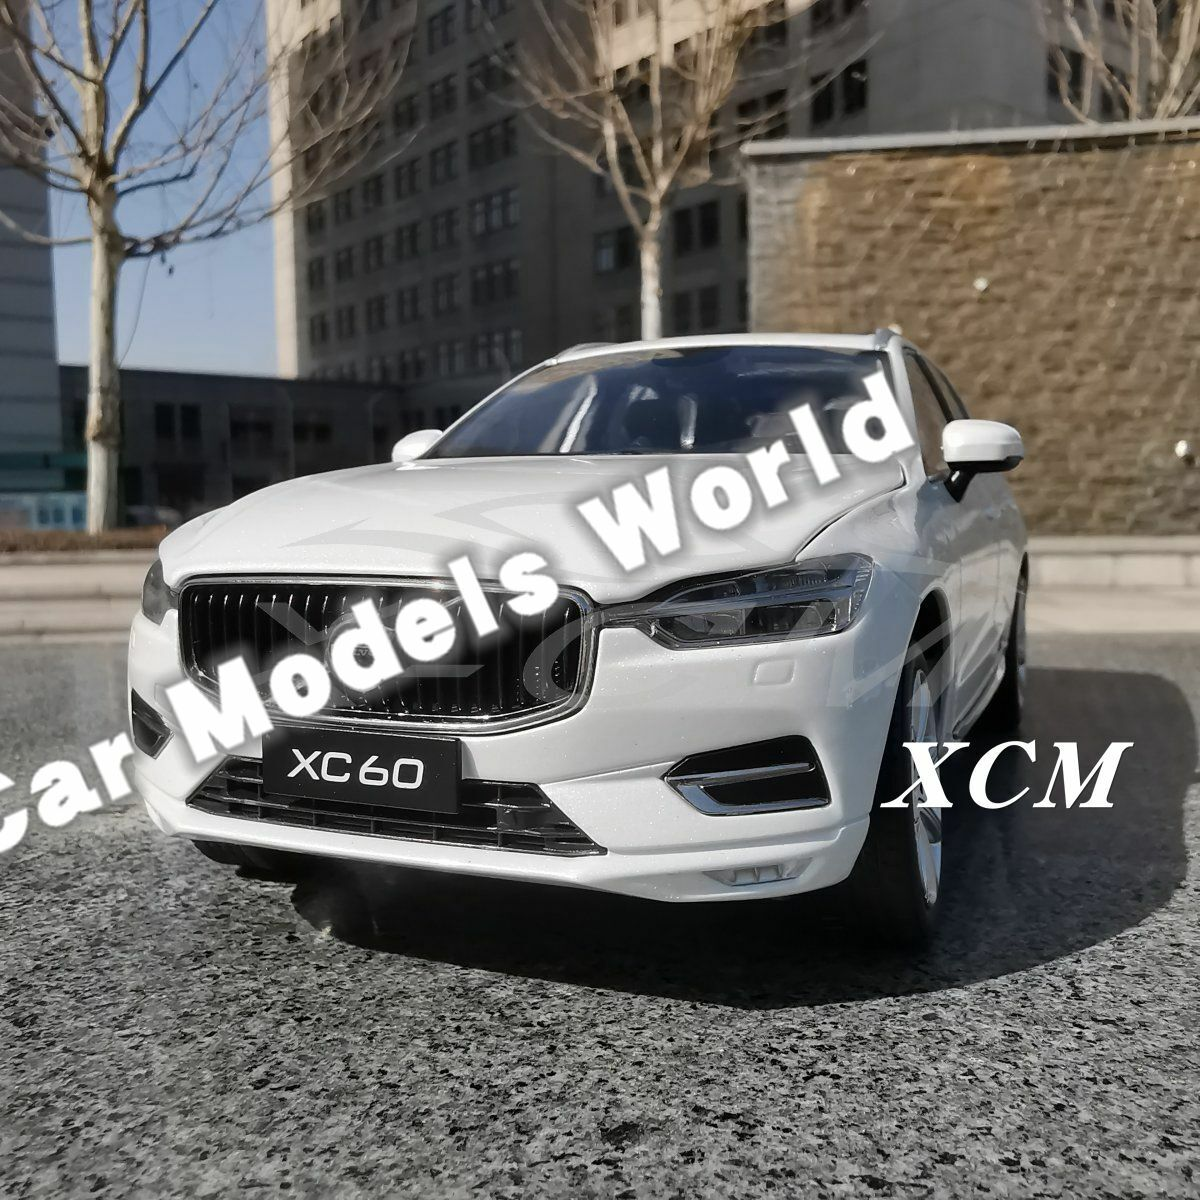 Bilmodellllerl för XC60 Deluxe Edition 1 18 (vit) SMALL GIFT Herregud